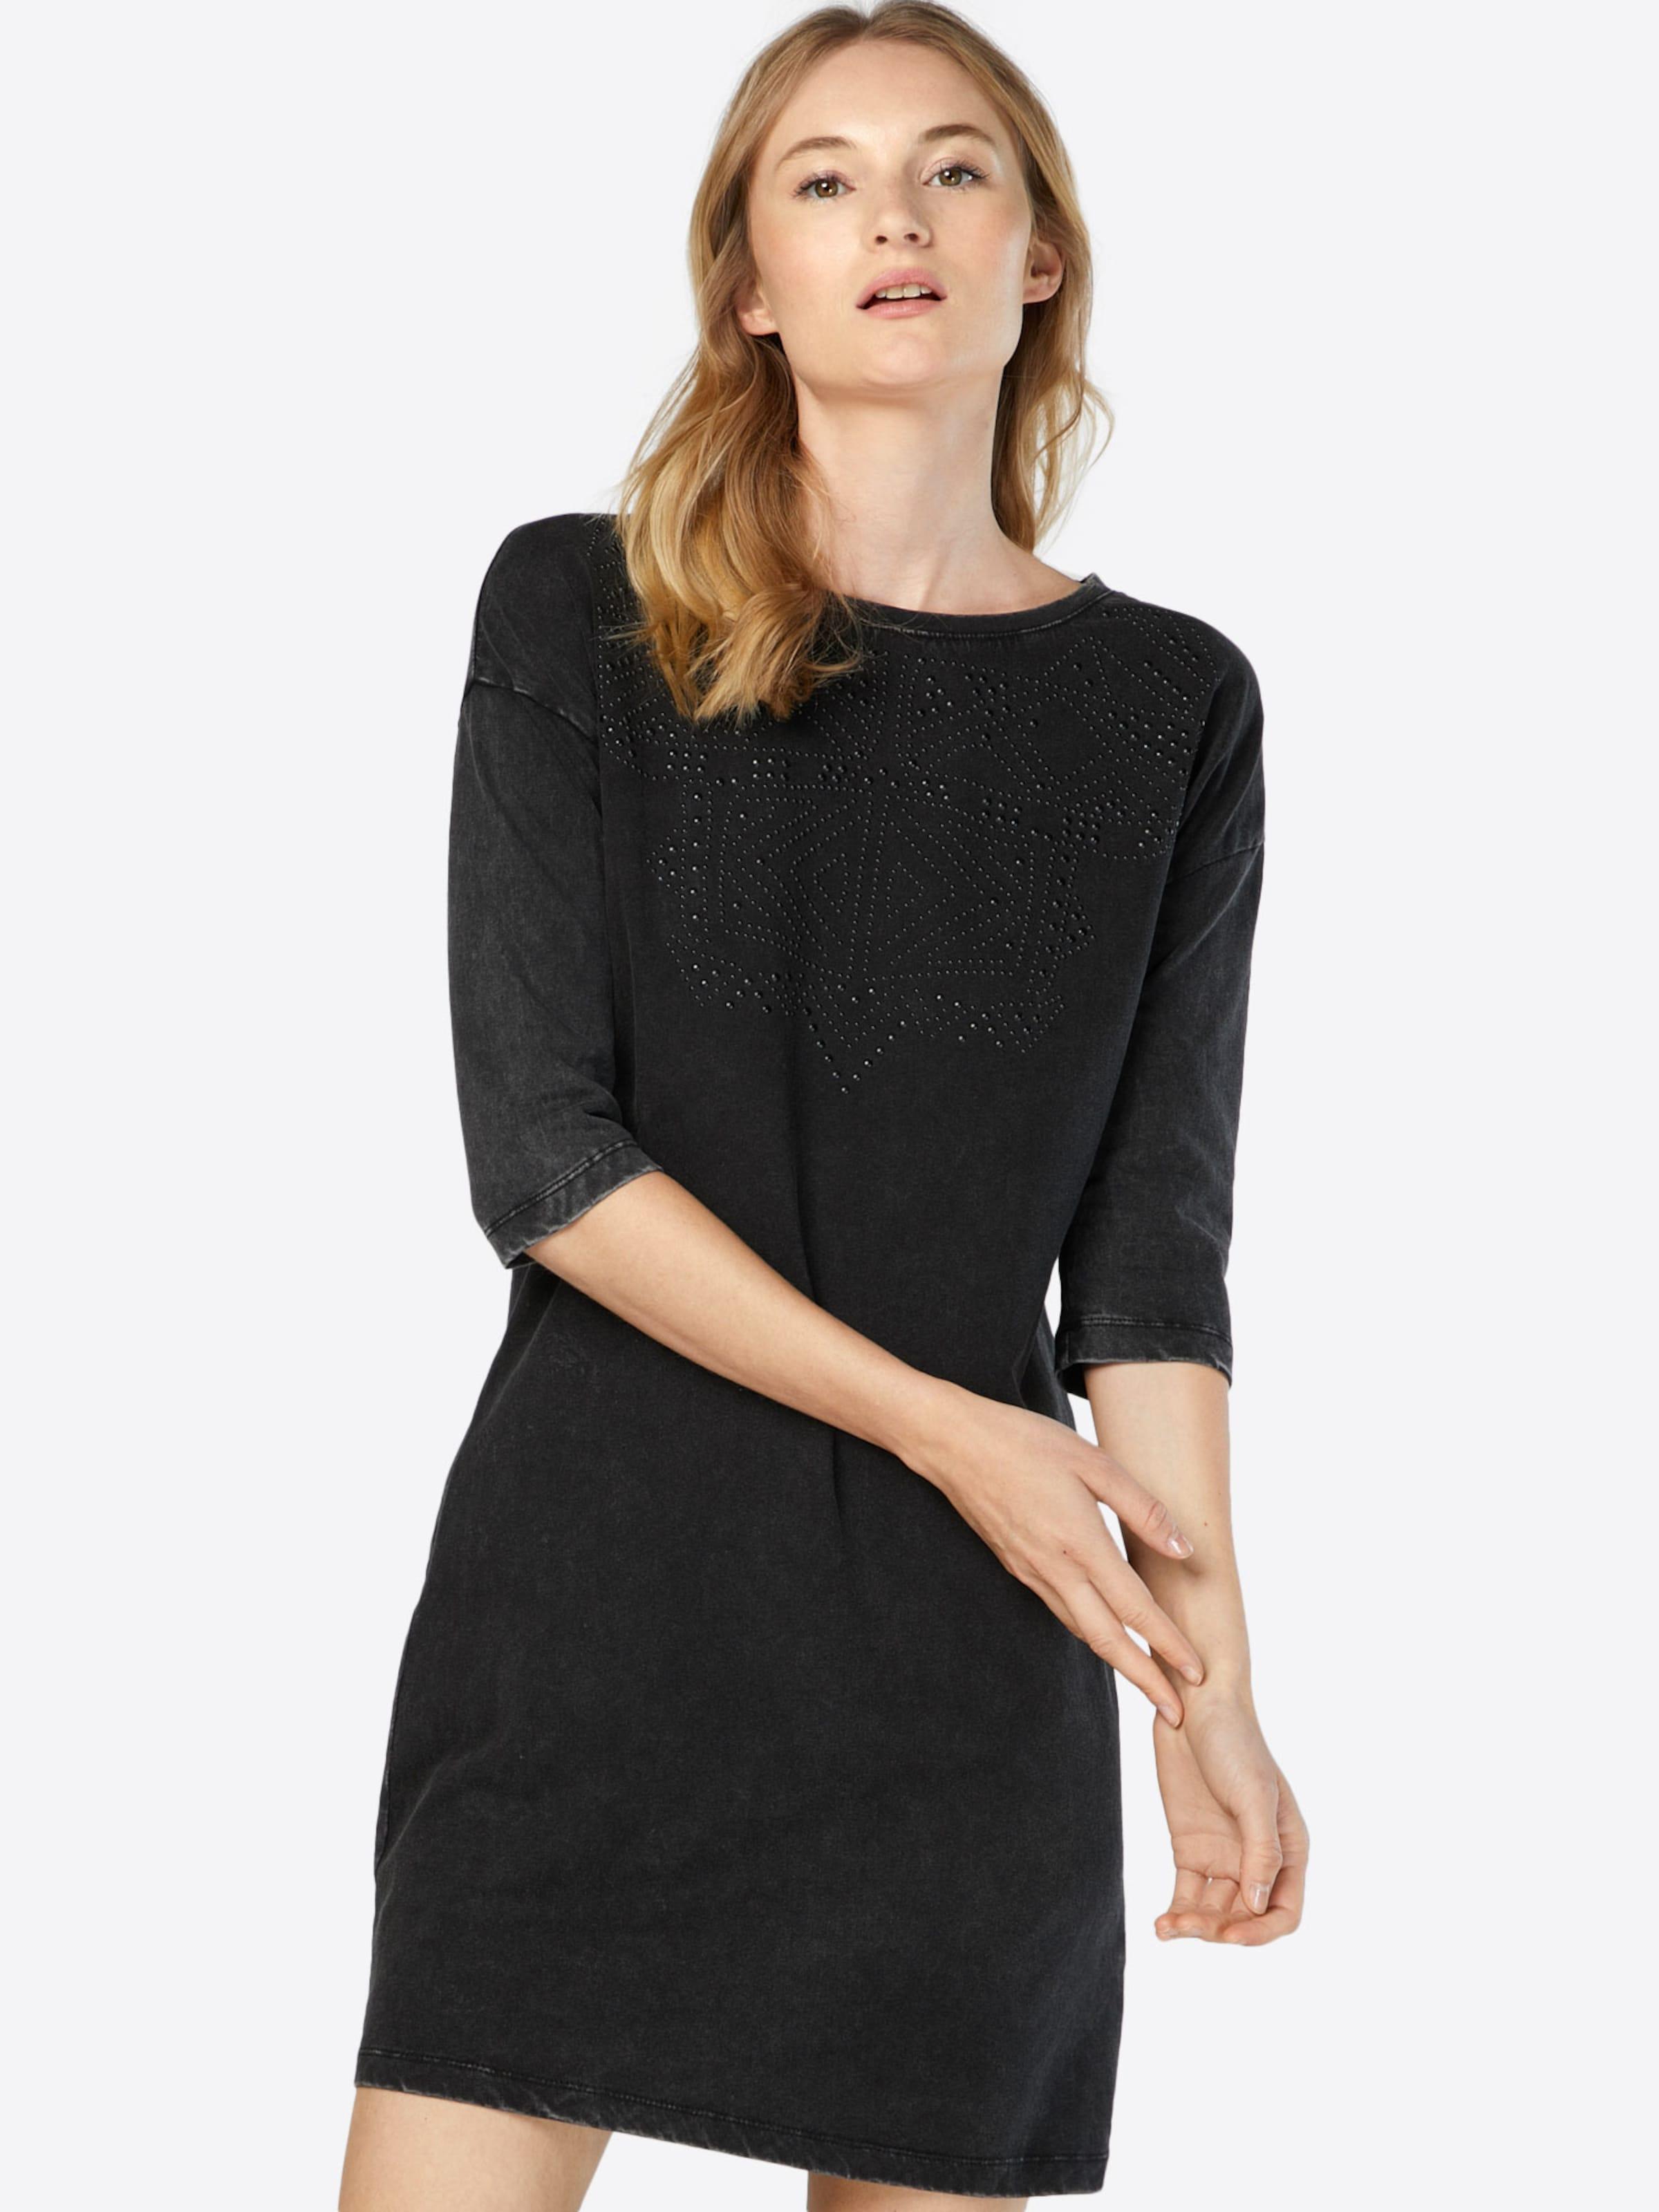 GARCIA Kleid mit Ziersteinbesatz Verkauf 100% Authentisch Billig Verkauf Mit Mastercard Heißen Verkauf Online-Verkauf Billig Rabatt Authentisch Sast Verkauf Online OHhRz